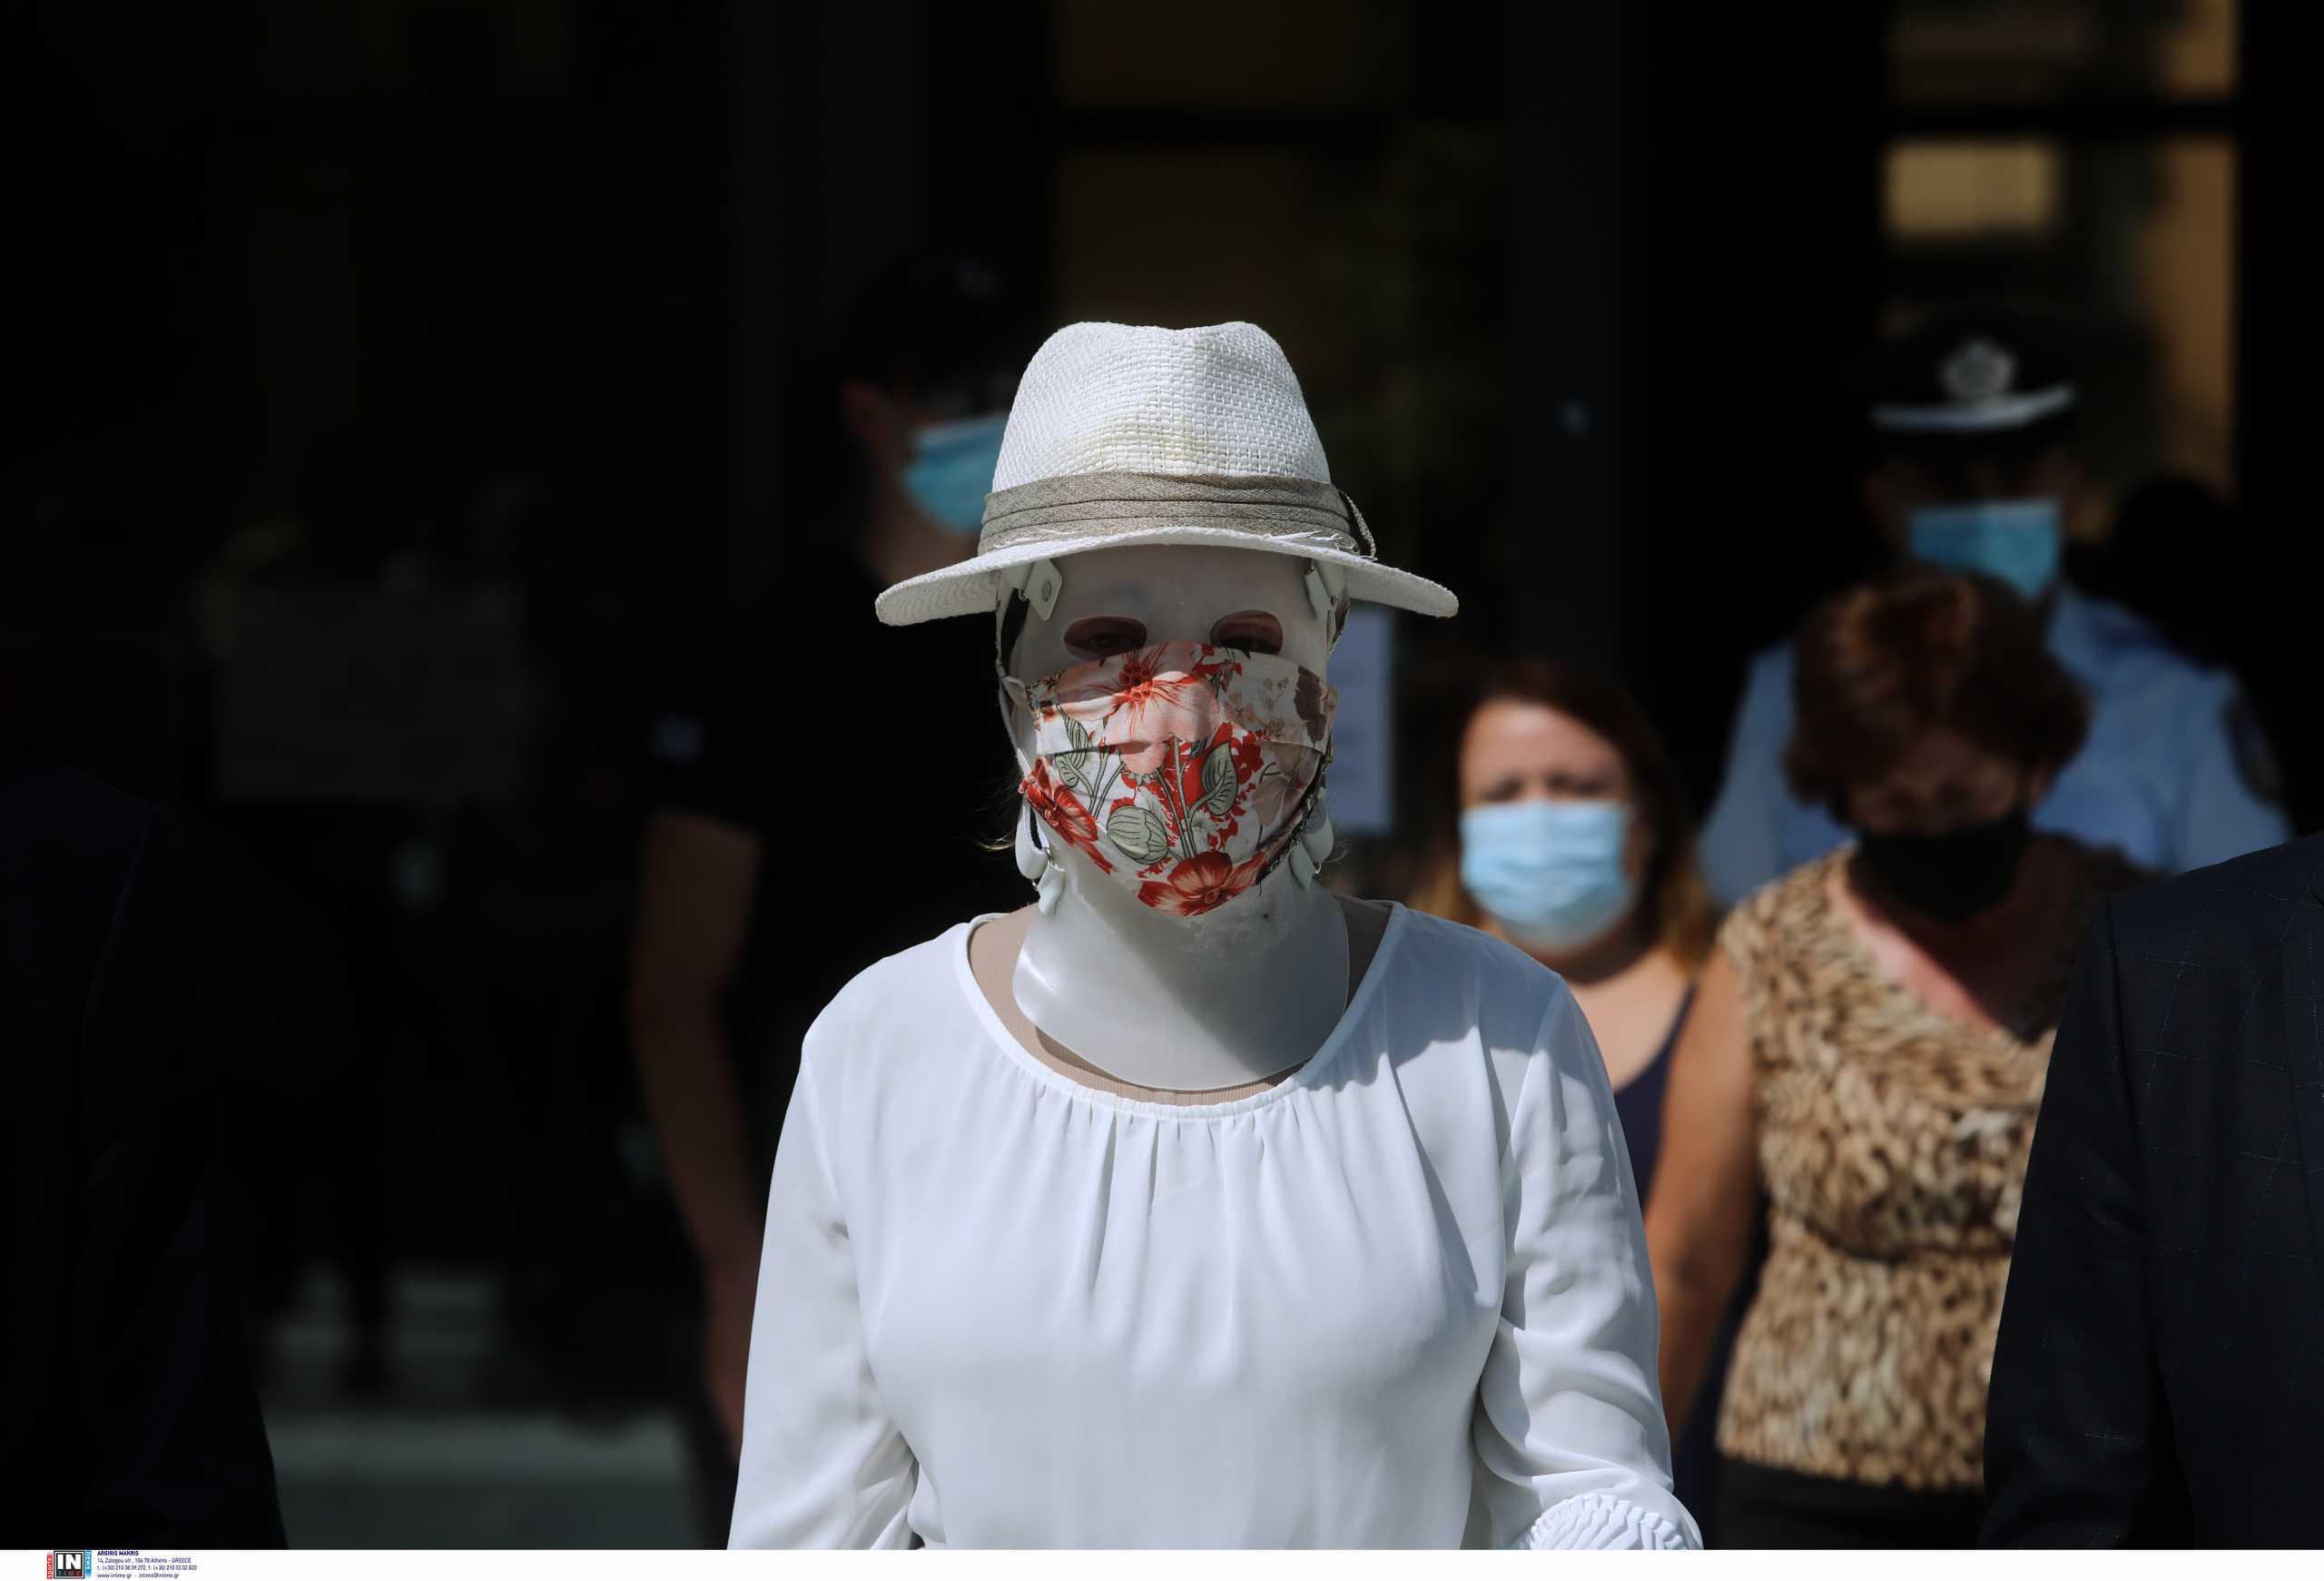 Επίθεση με βιτριόλι: Καταθέτουν σήμερα οι γιατροί της Ιωάννας – Τι θα γίνει με τον 40χρονο